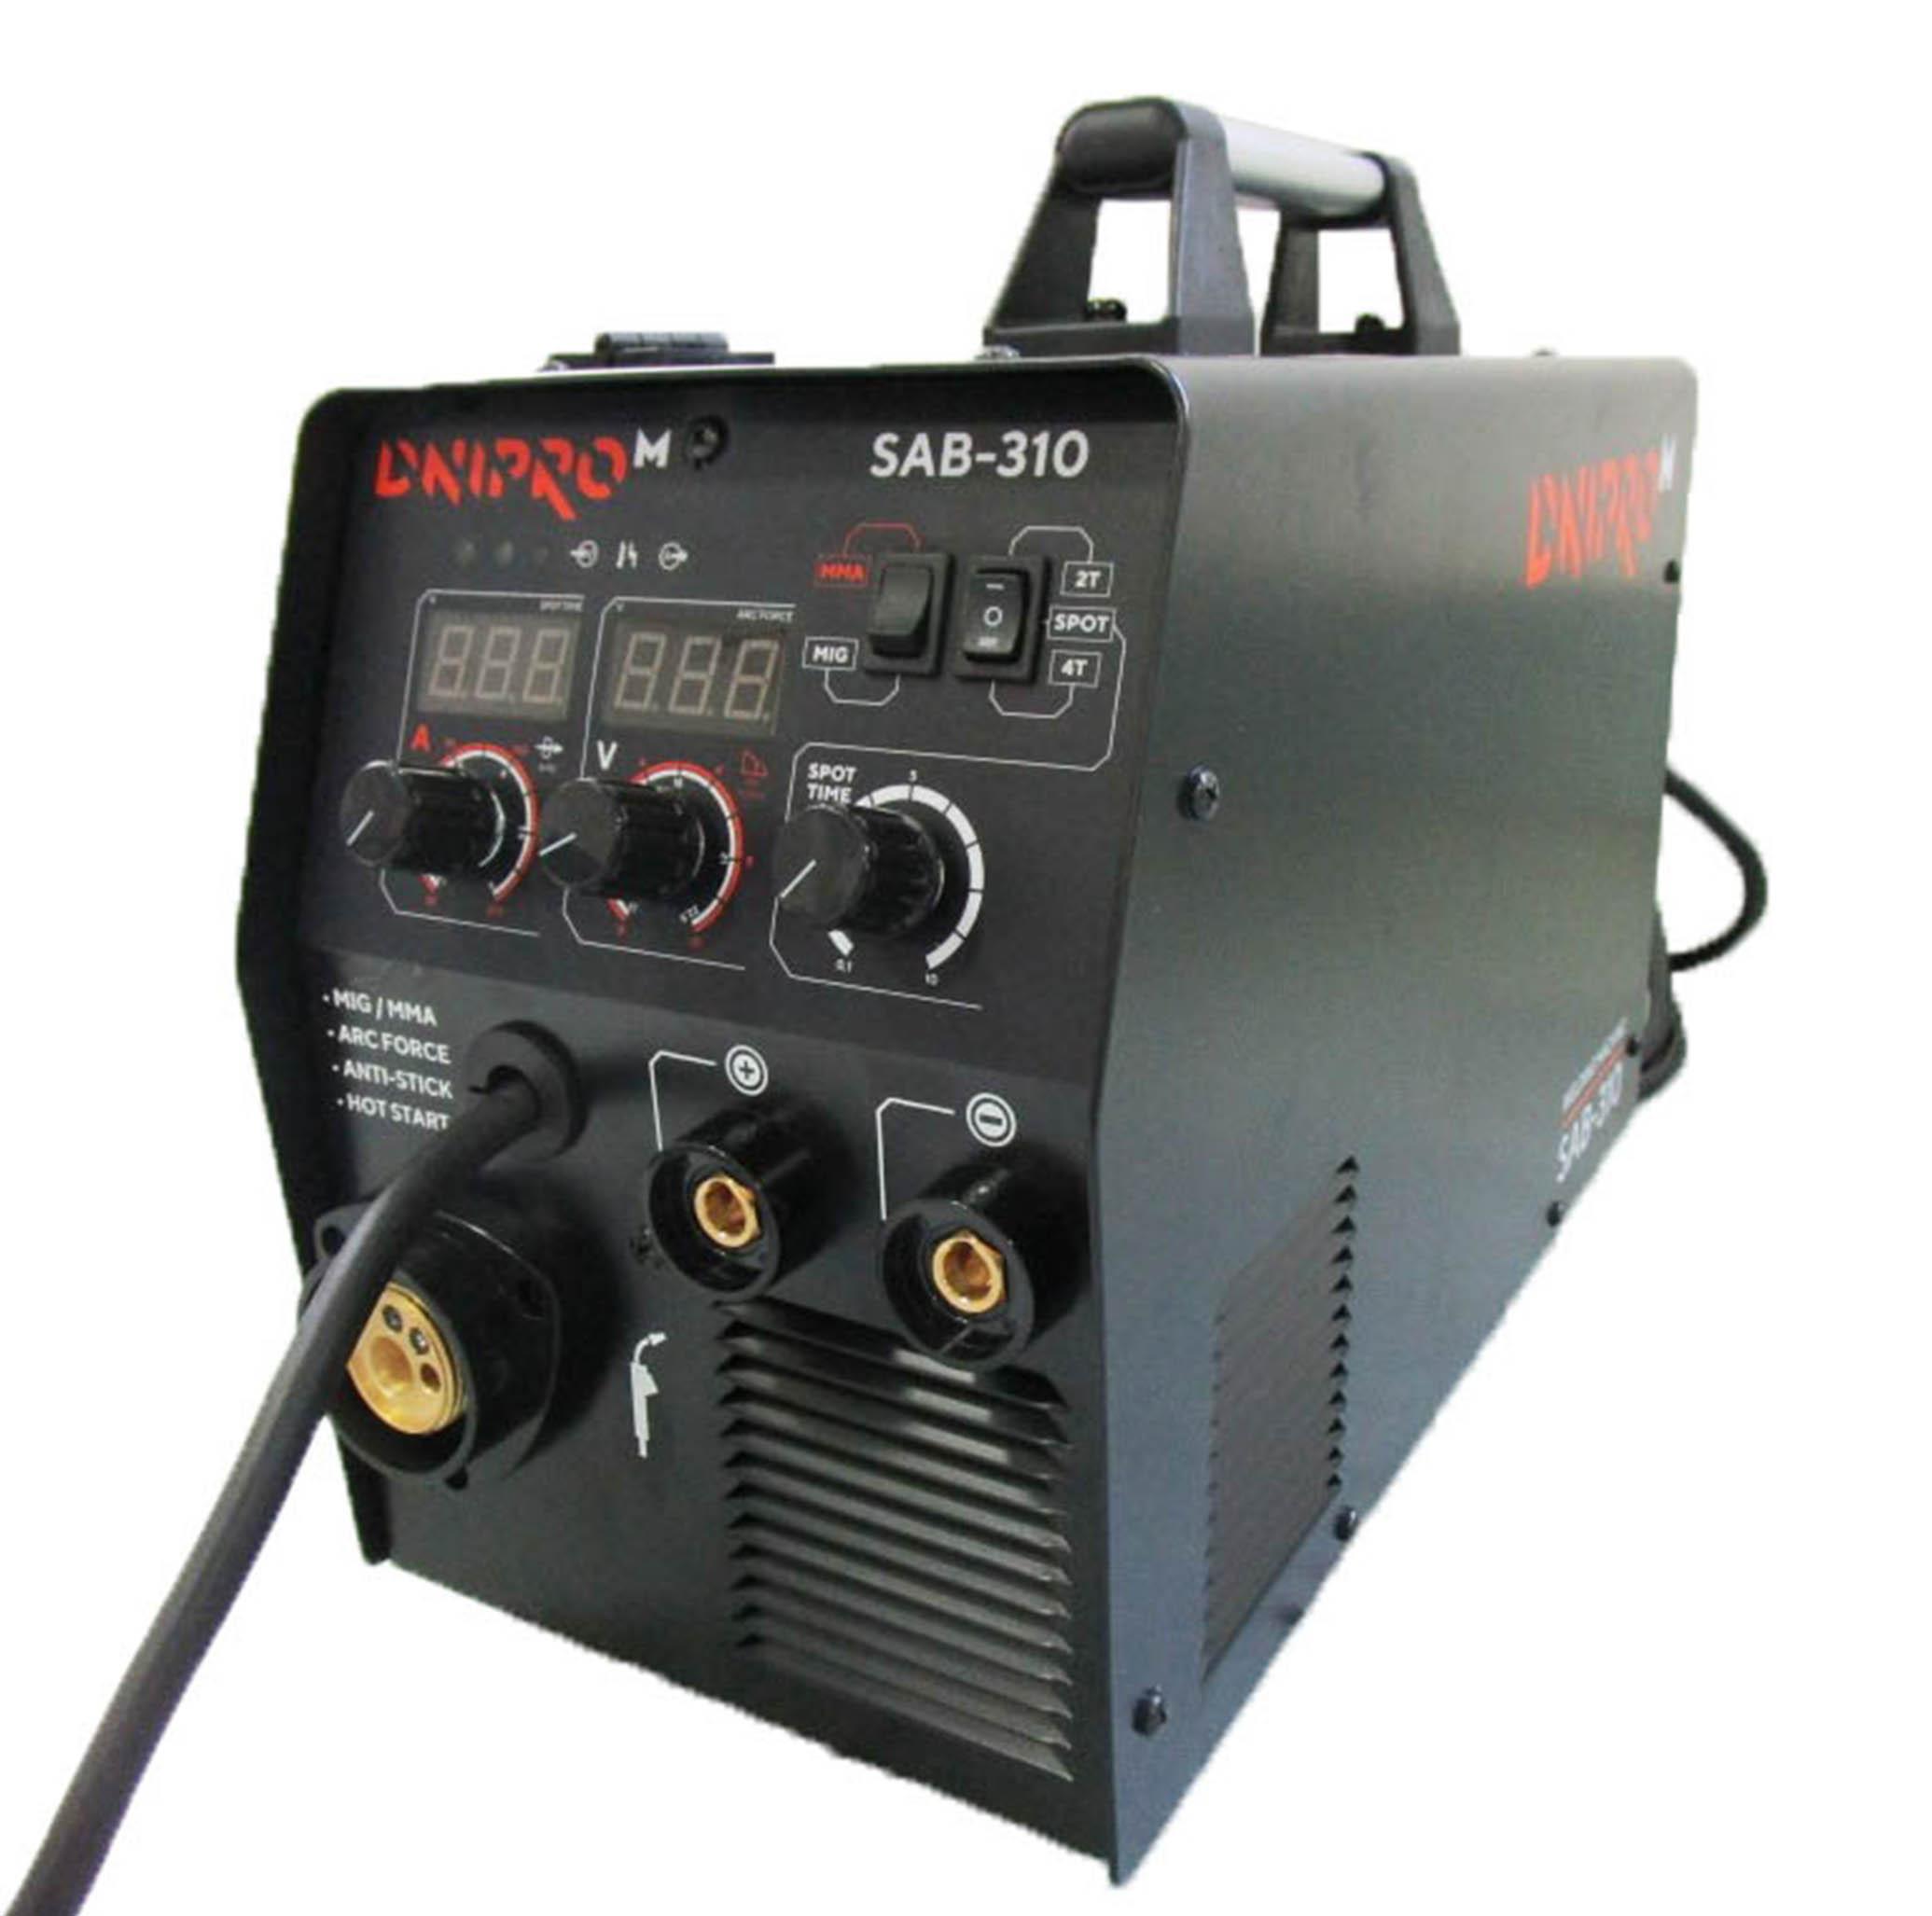 SAB-310 вид сбоку